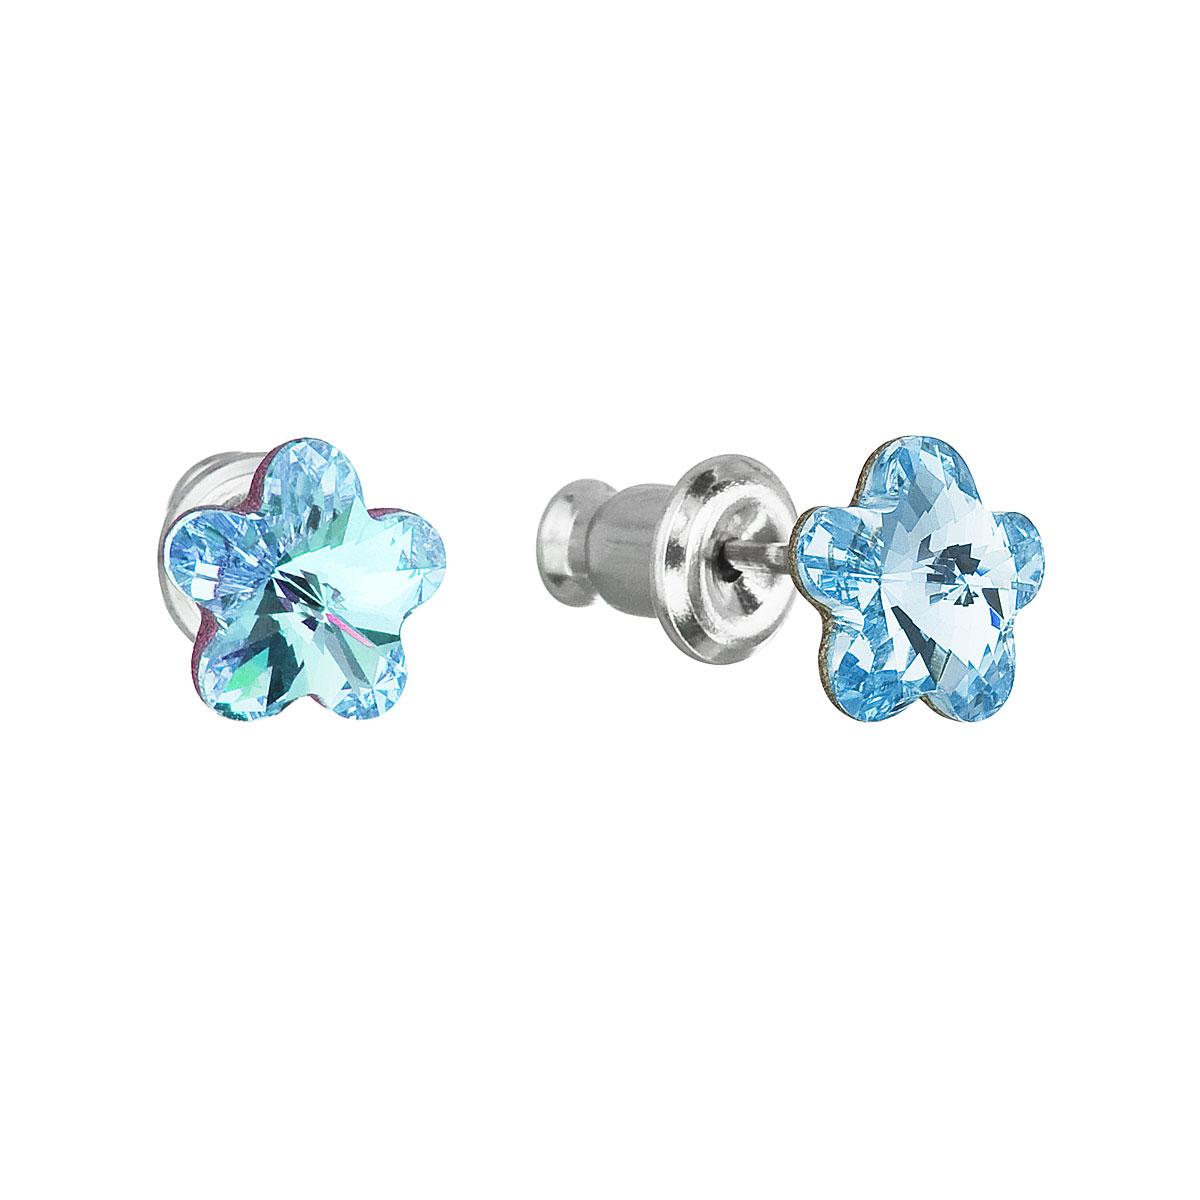 Náušnice bižuterie se Swarovski krystaly modrá kytička 51051.3